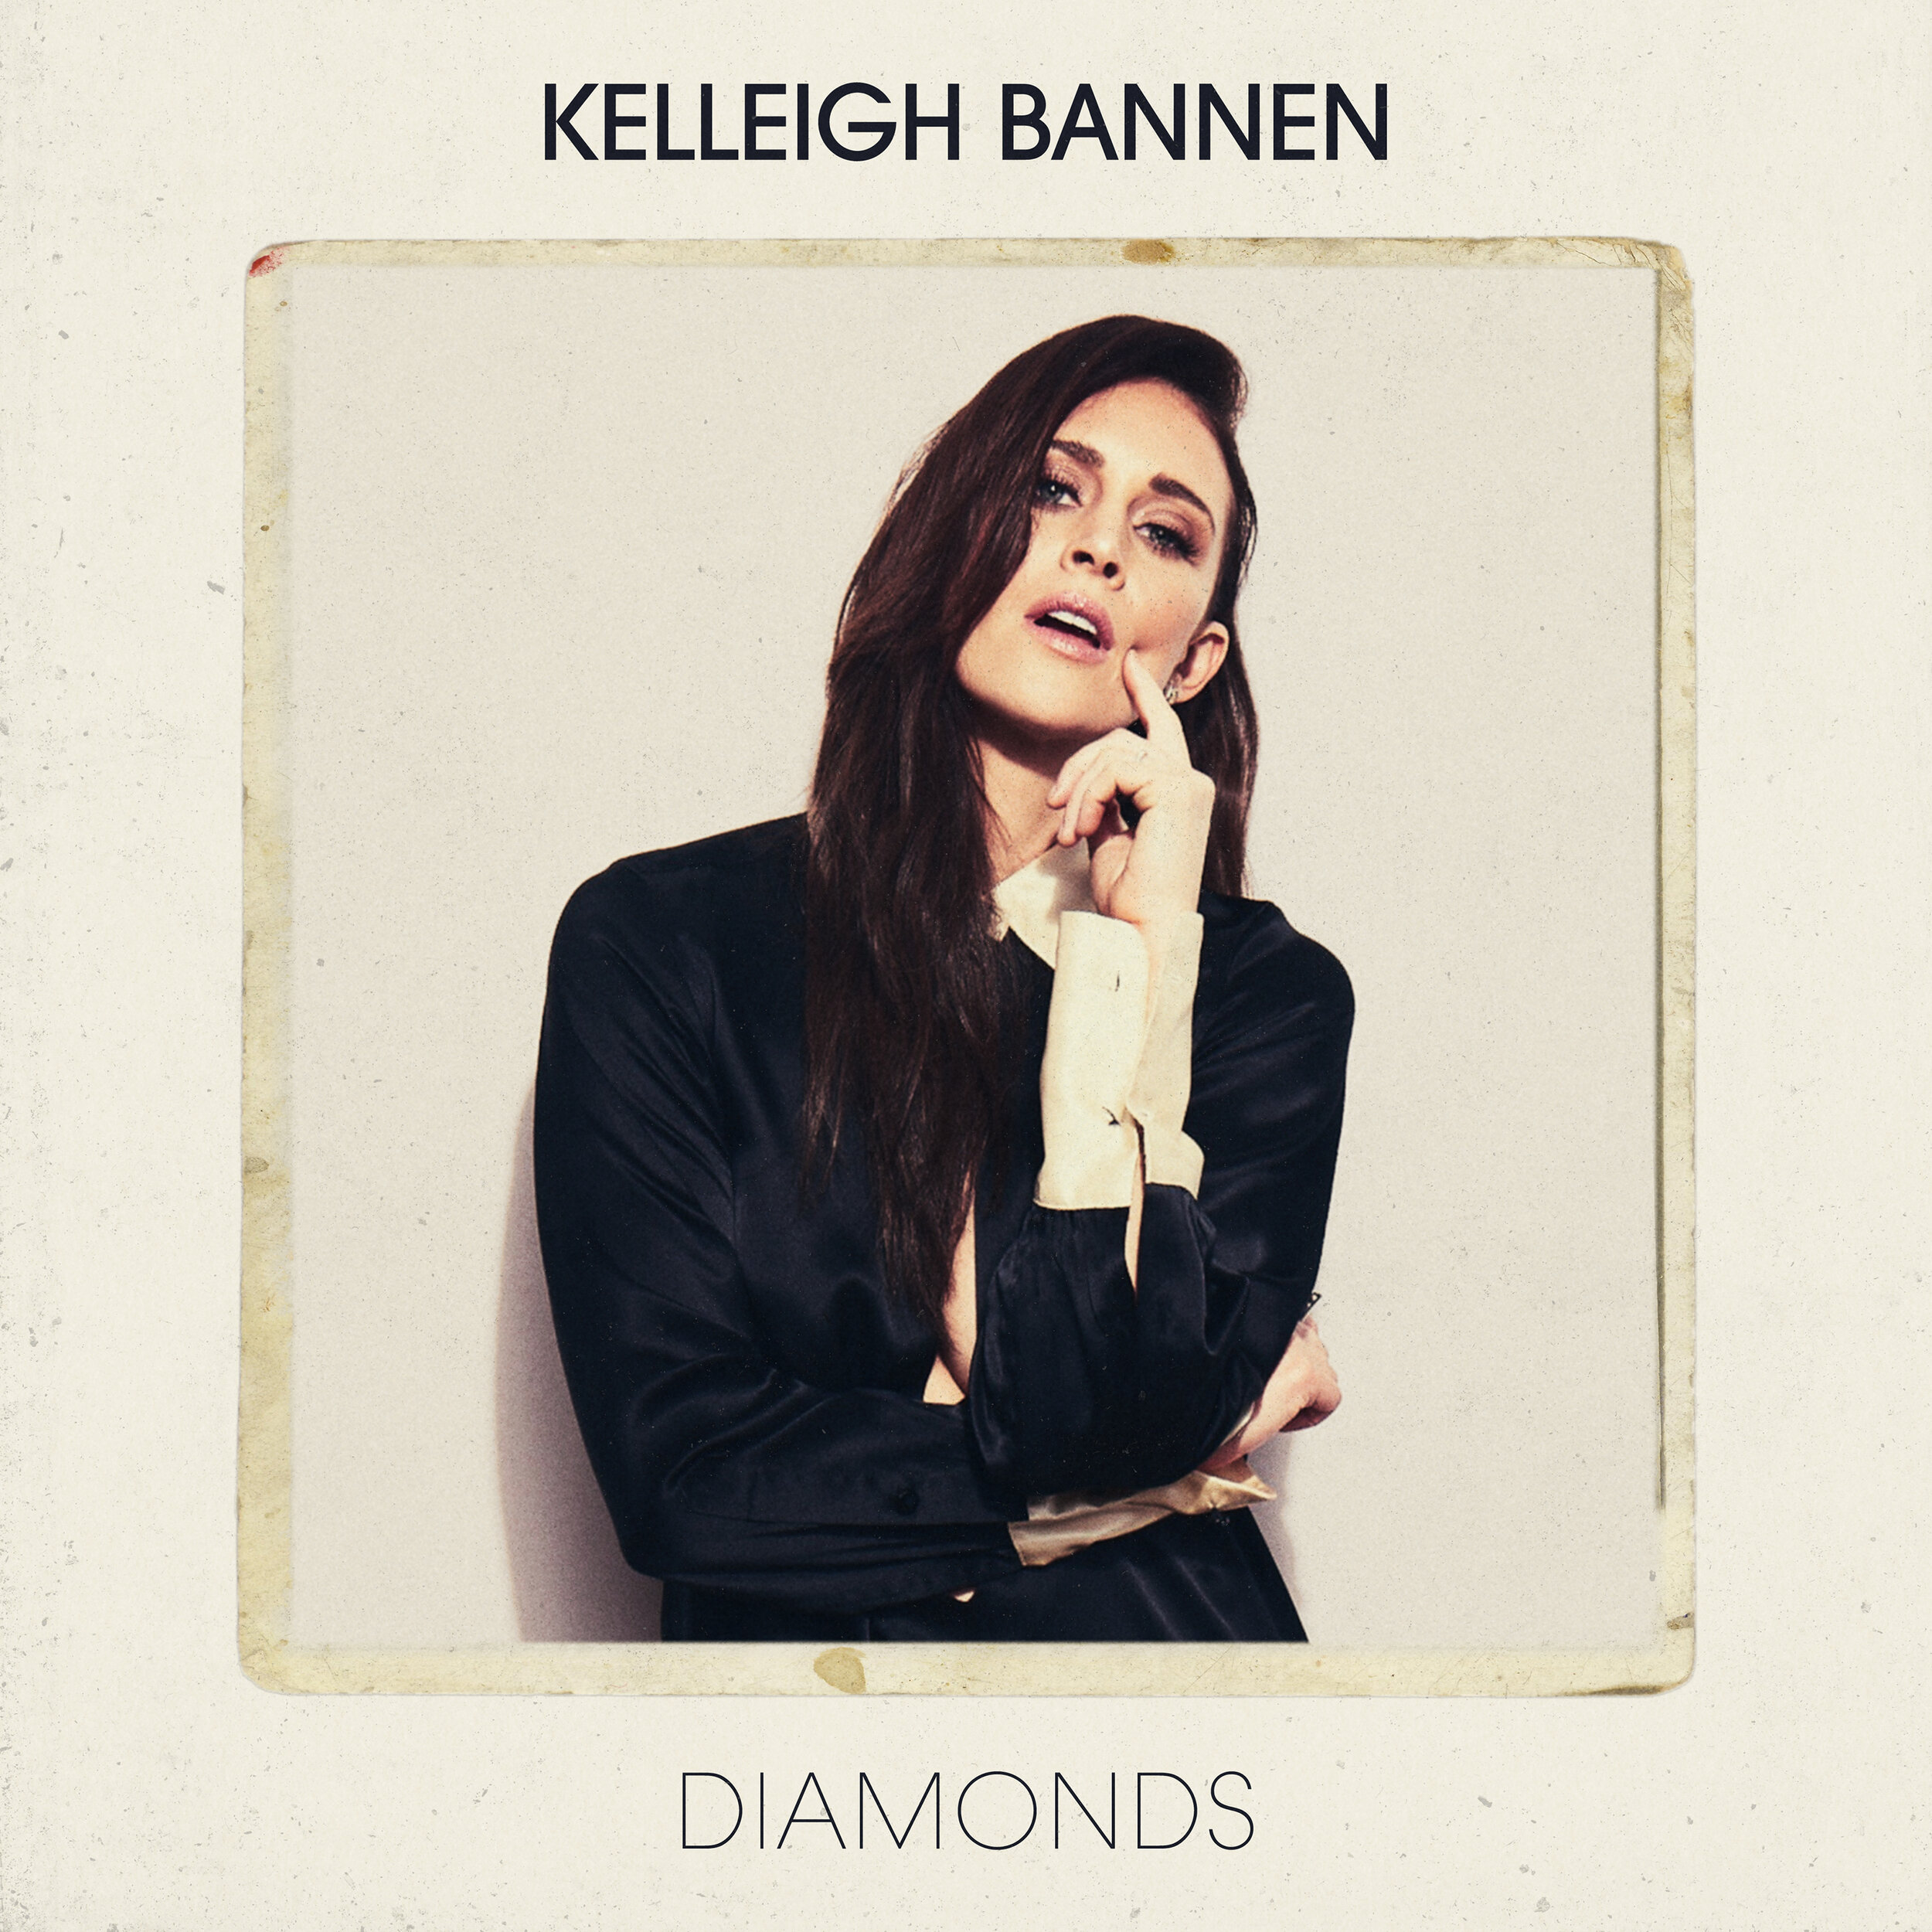 KELLEIGH_BANNEN-DIAMONDS.jpg